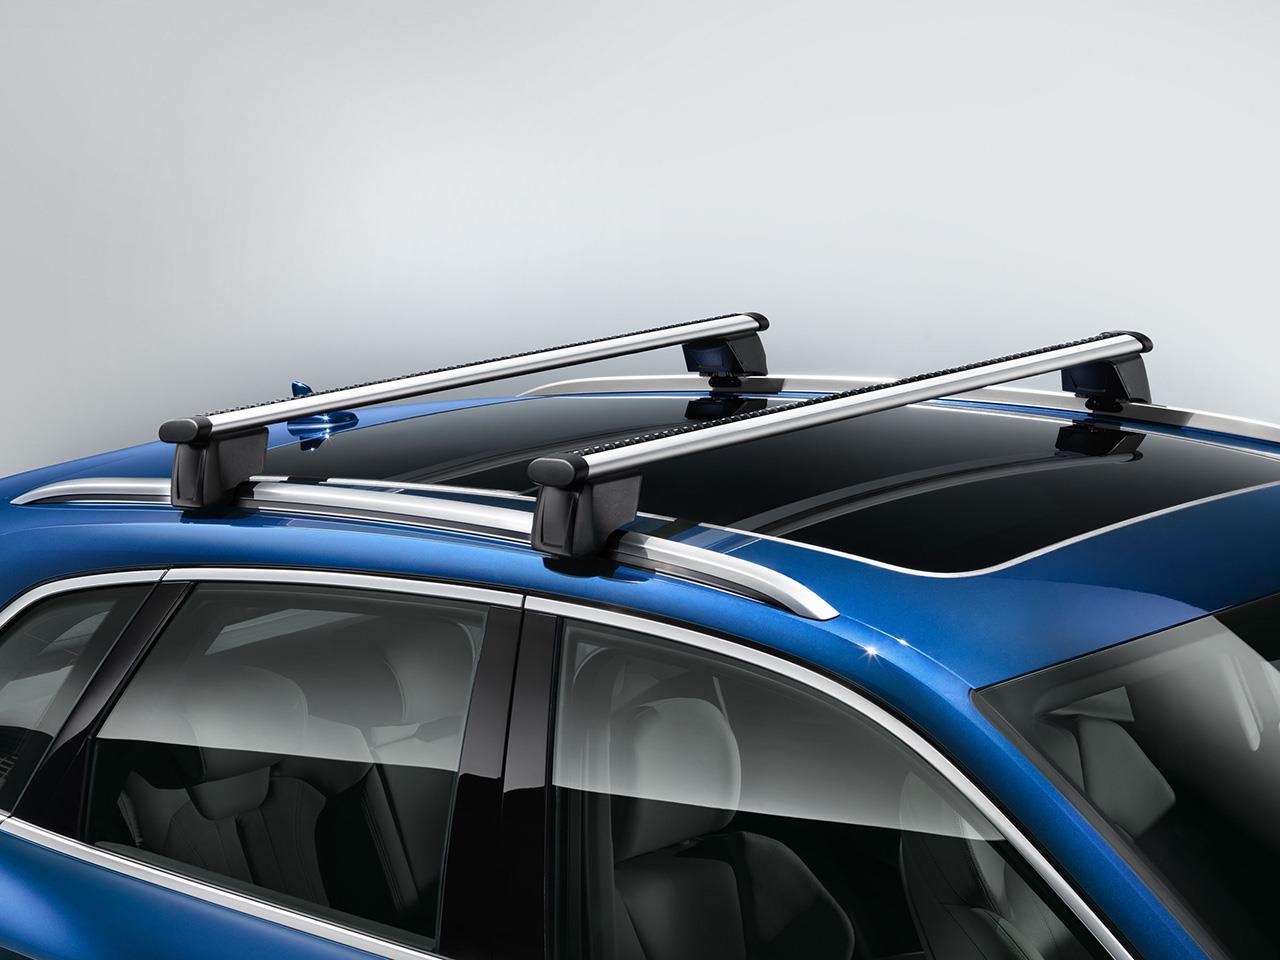 2018 Audi Q5 Genuine Accessories